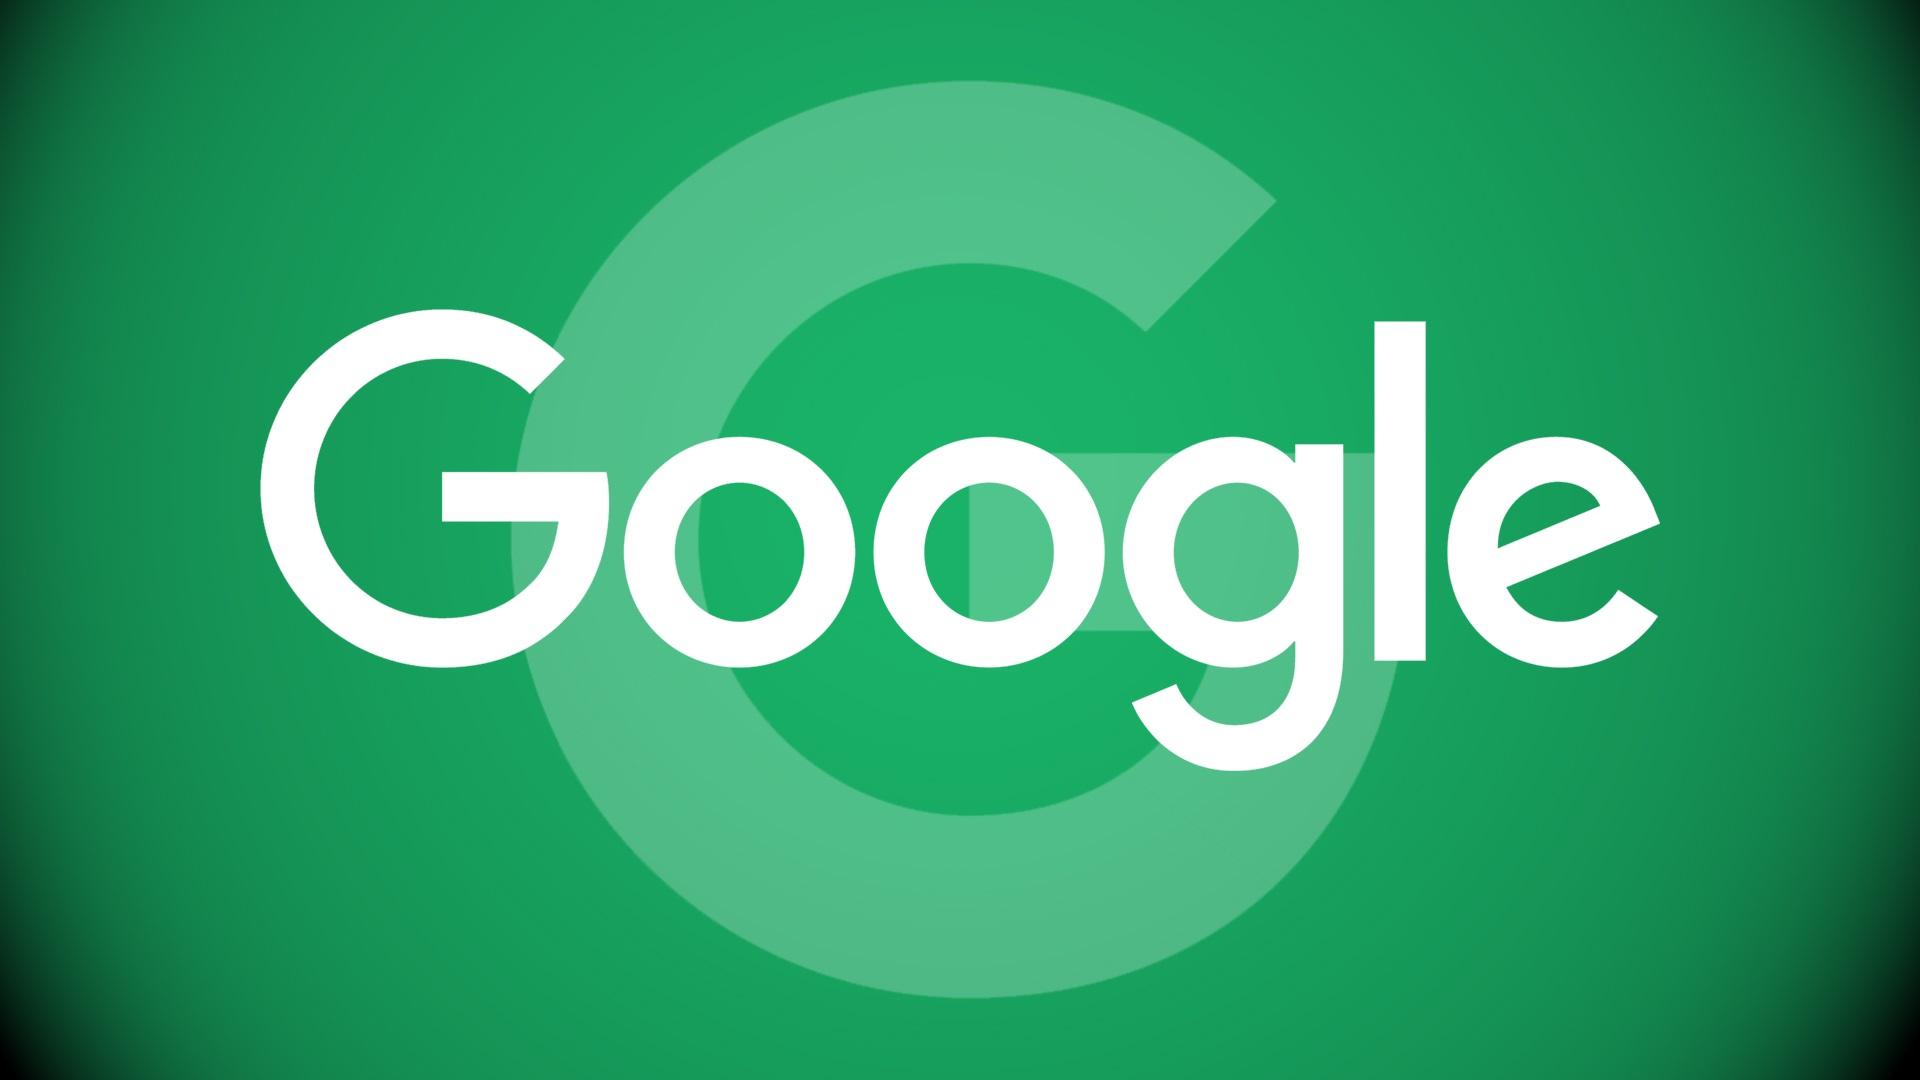 壁紙 Googleロゴ 緑の背景 1920x1080 Full Hd 2k 無料のデスクトップ